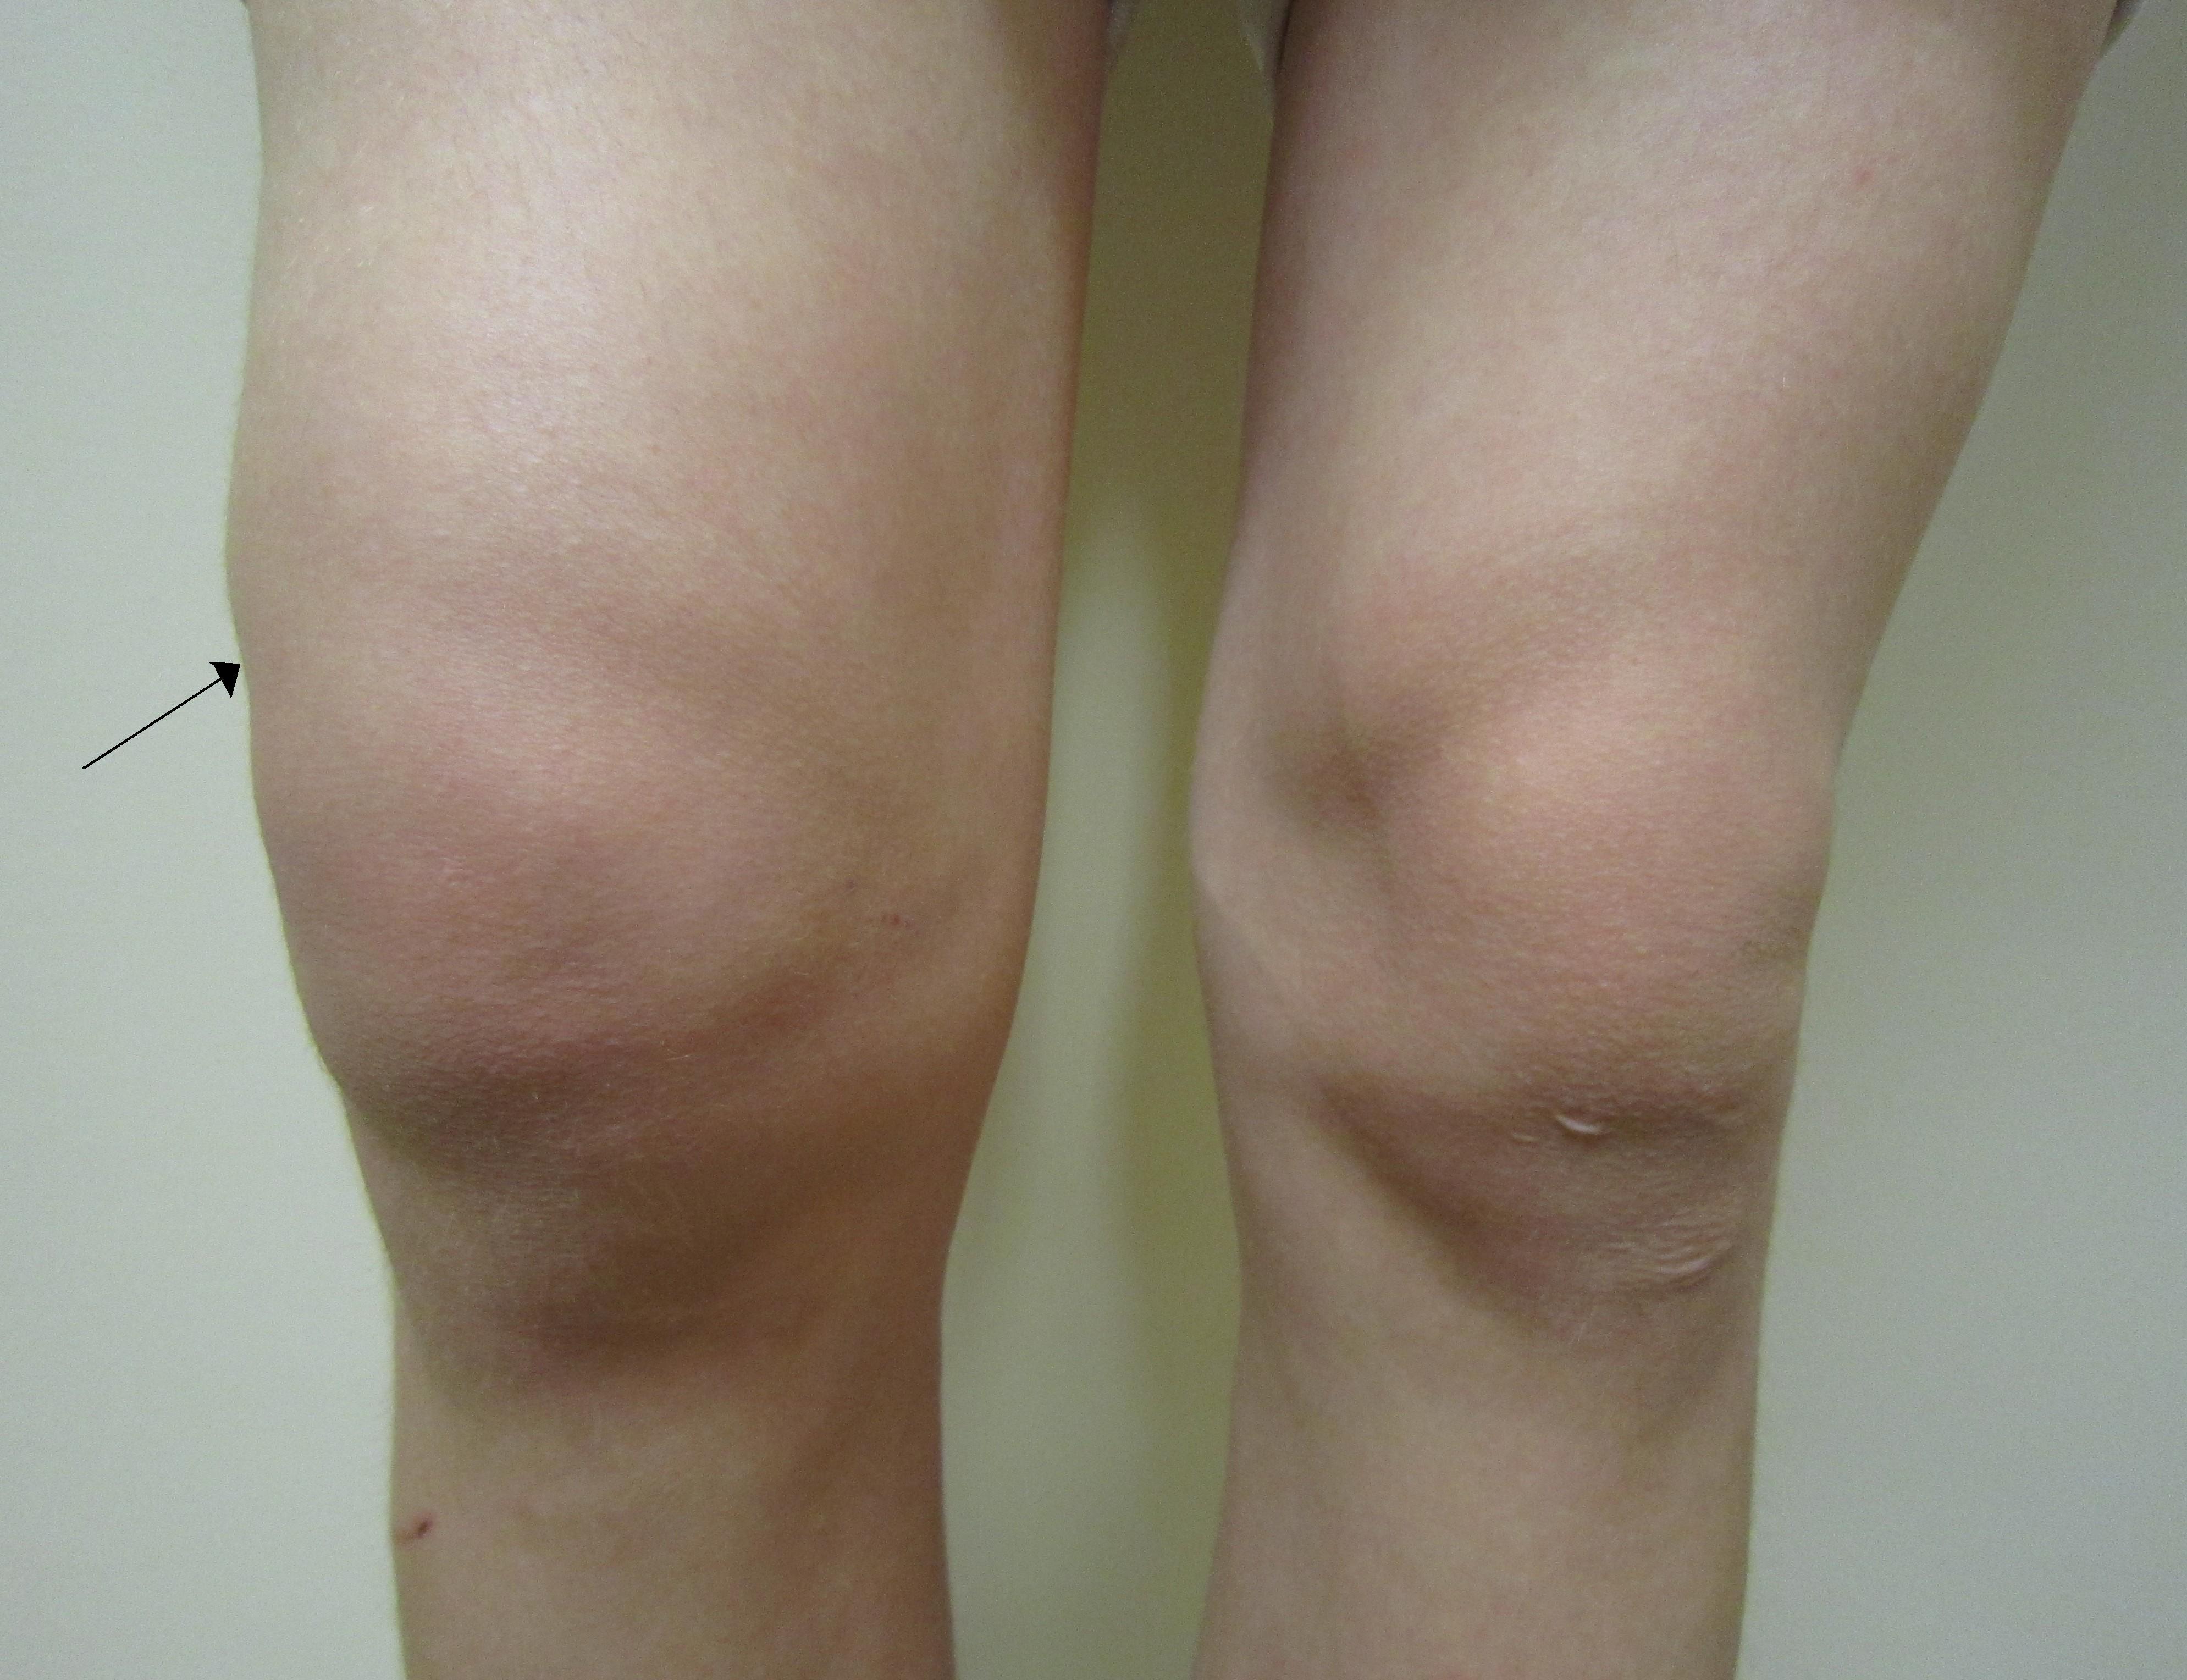 articulație dureroasă la genunchi la interior)